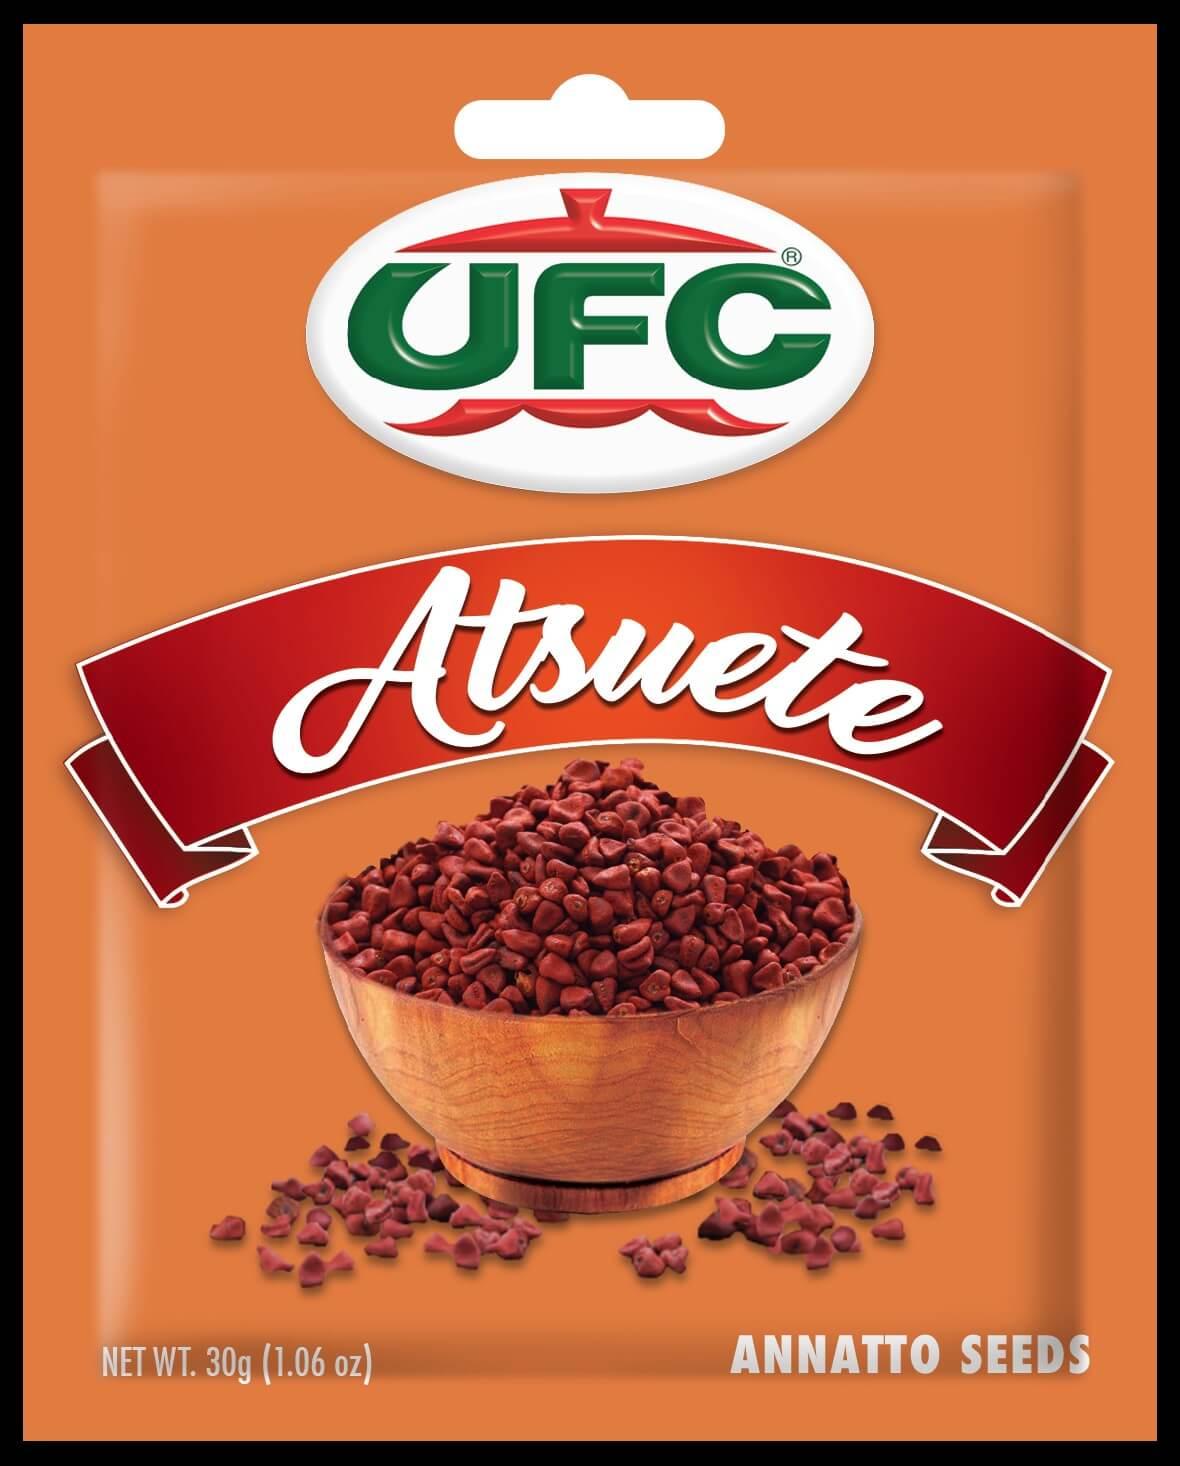 UFC Achuete 30g